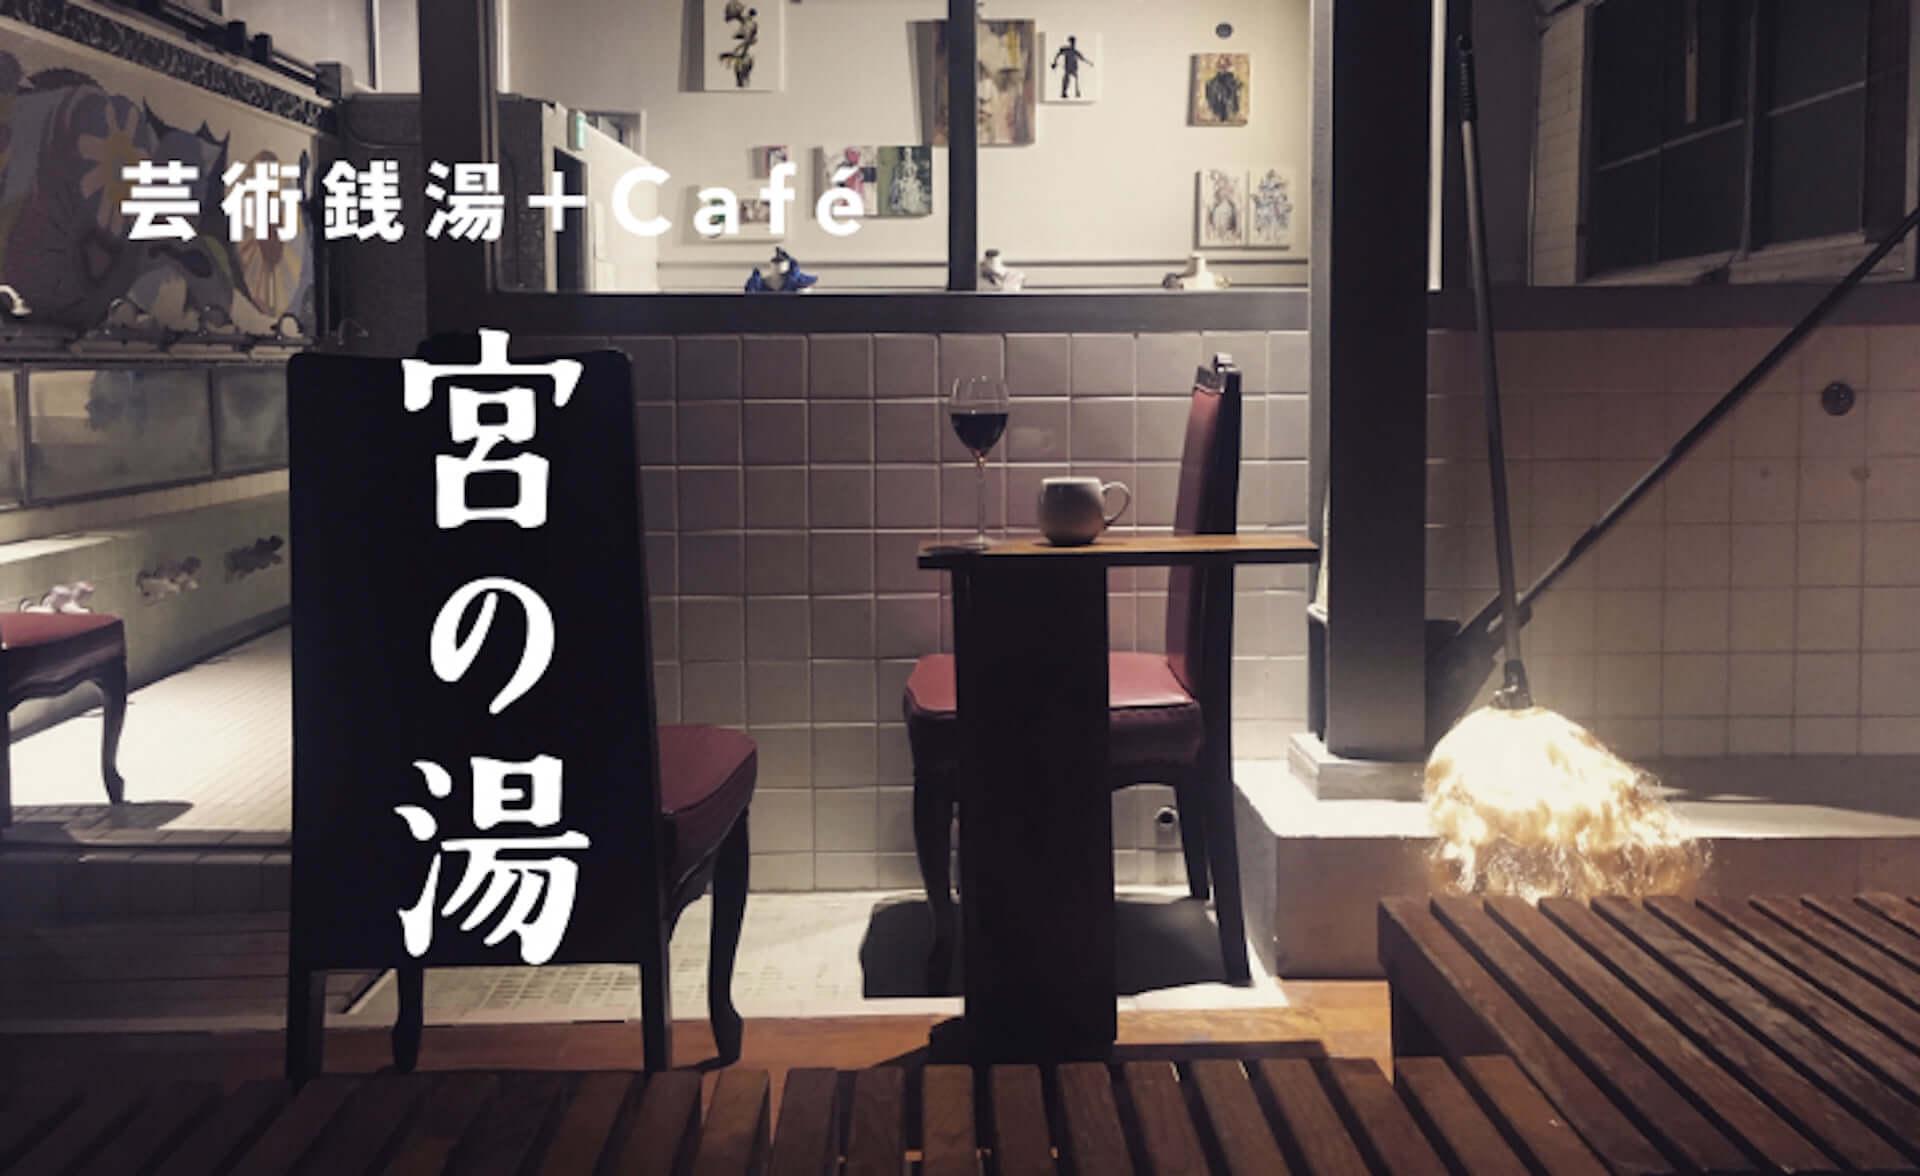 銭湯を改装した異空間!アートとカフェが一体となった「芸術銭湯+Café 宮の湯」が根津にオープン art200602_cafe_miyanoyu_1-1920x1176